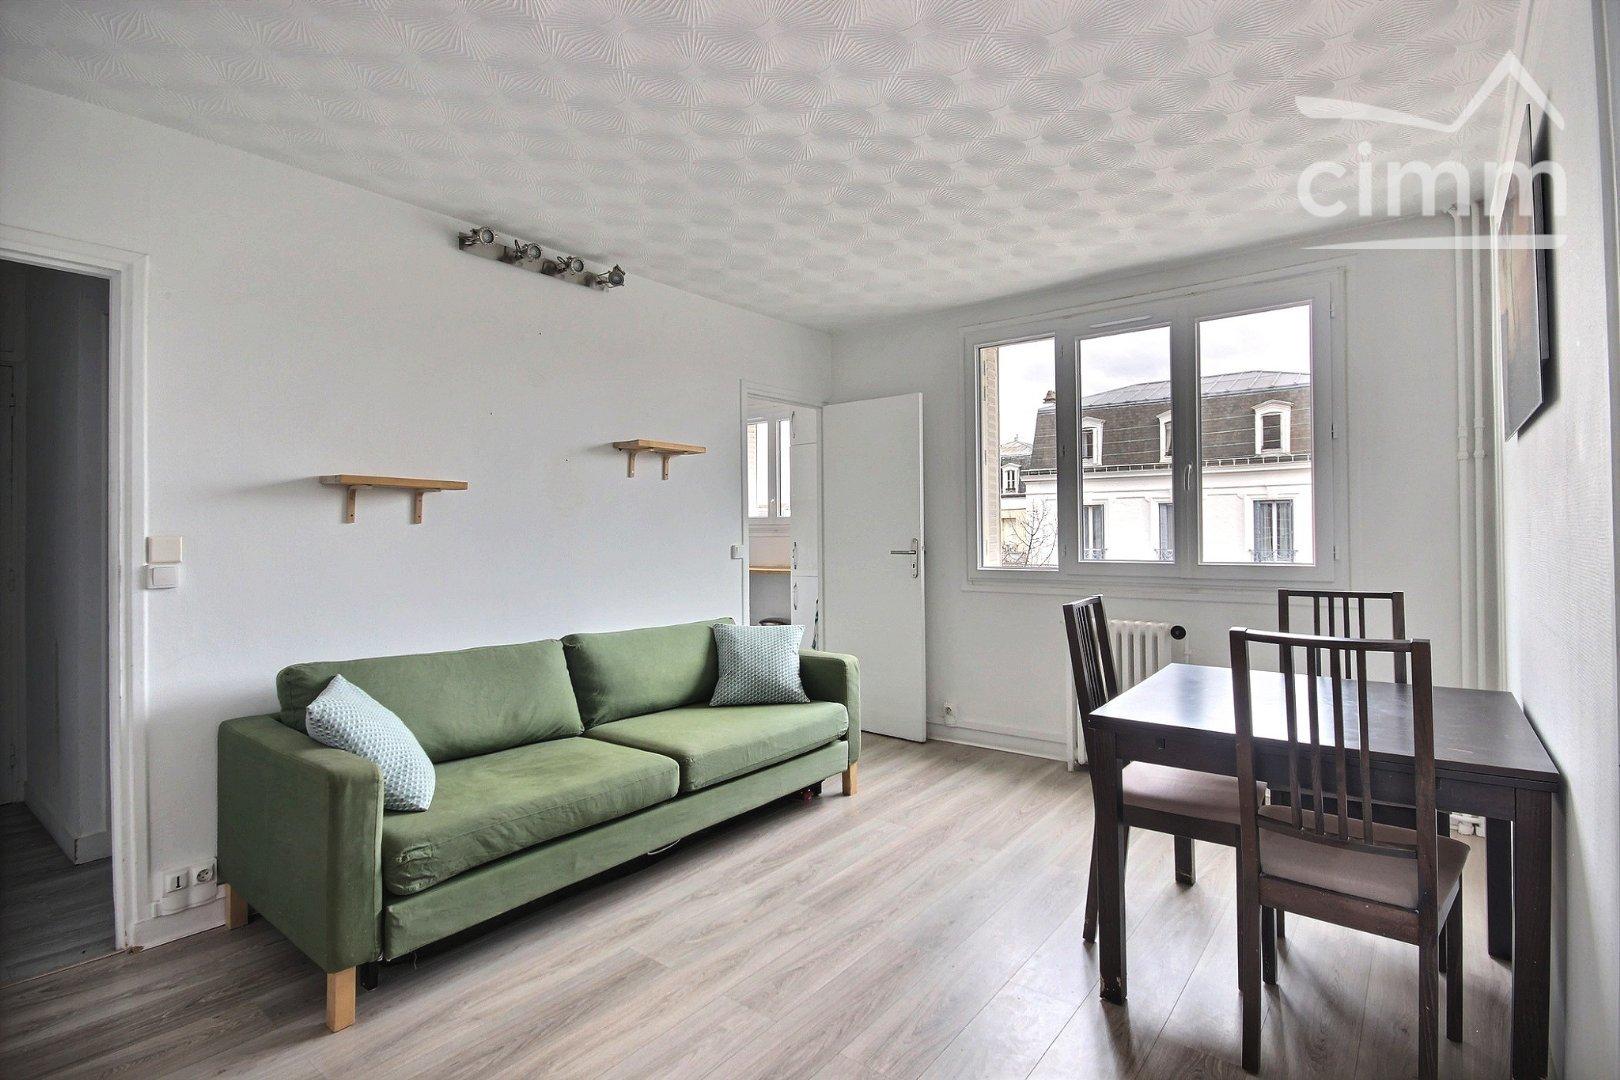 Appartement a louer colombes - 3 pièce(s) - 54 m2 - Surfyn